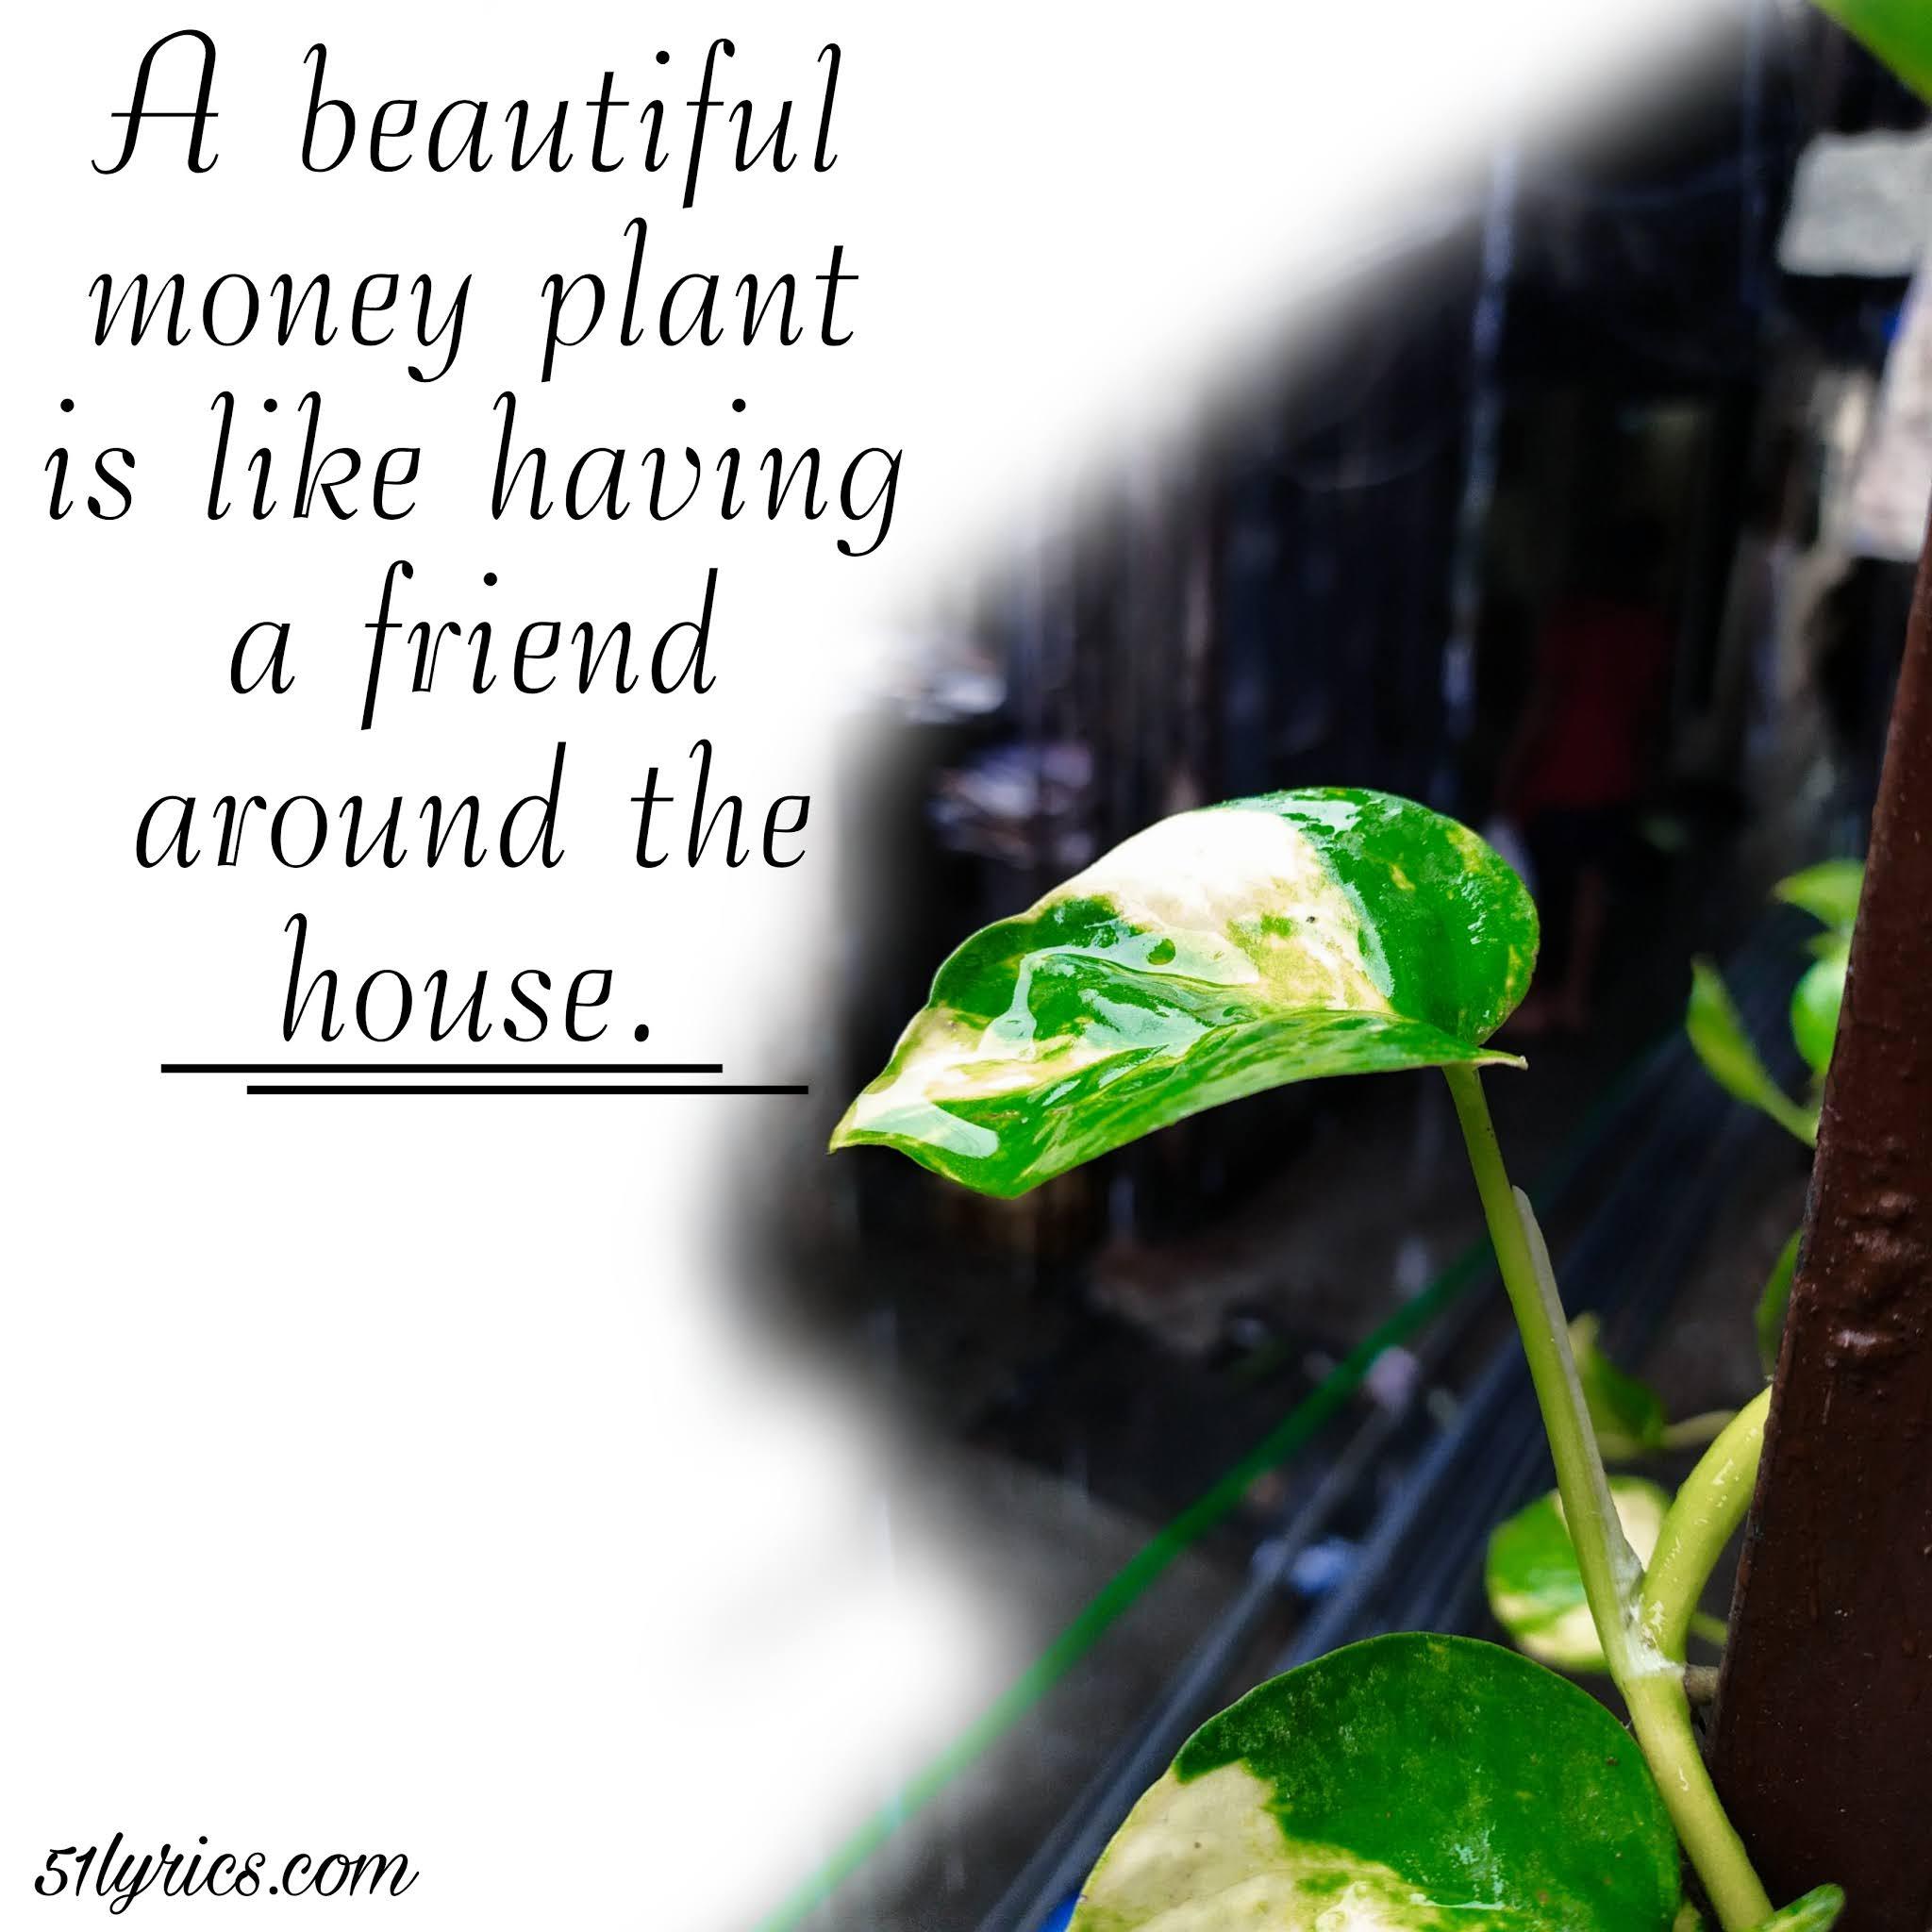 Money plant captions, best captions, captions for Instagram, pick up lines for Instagram, Captions for Ig, money plant quotes, captions for plant lover